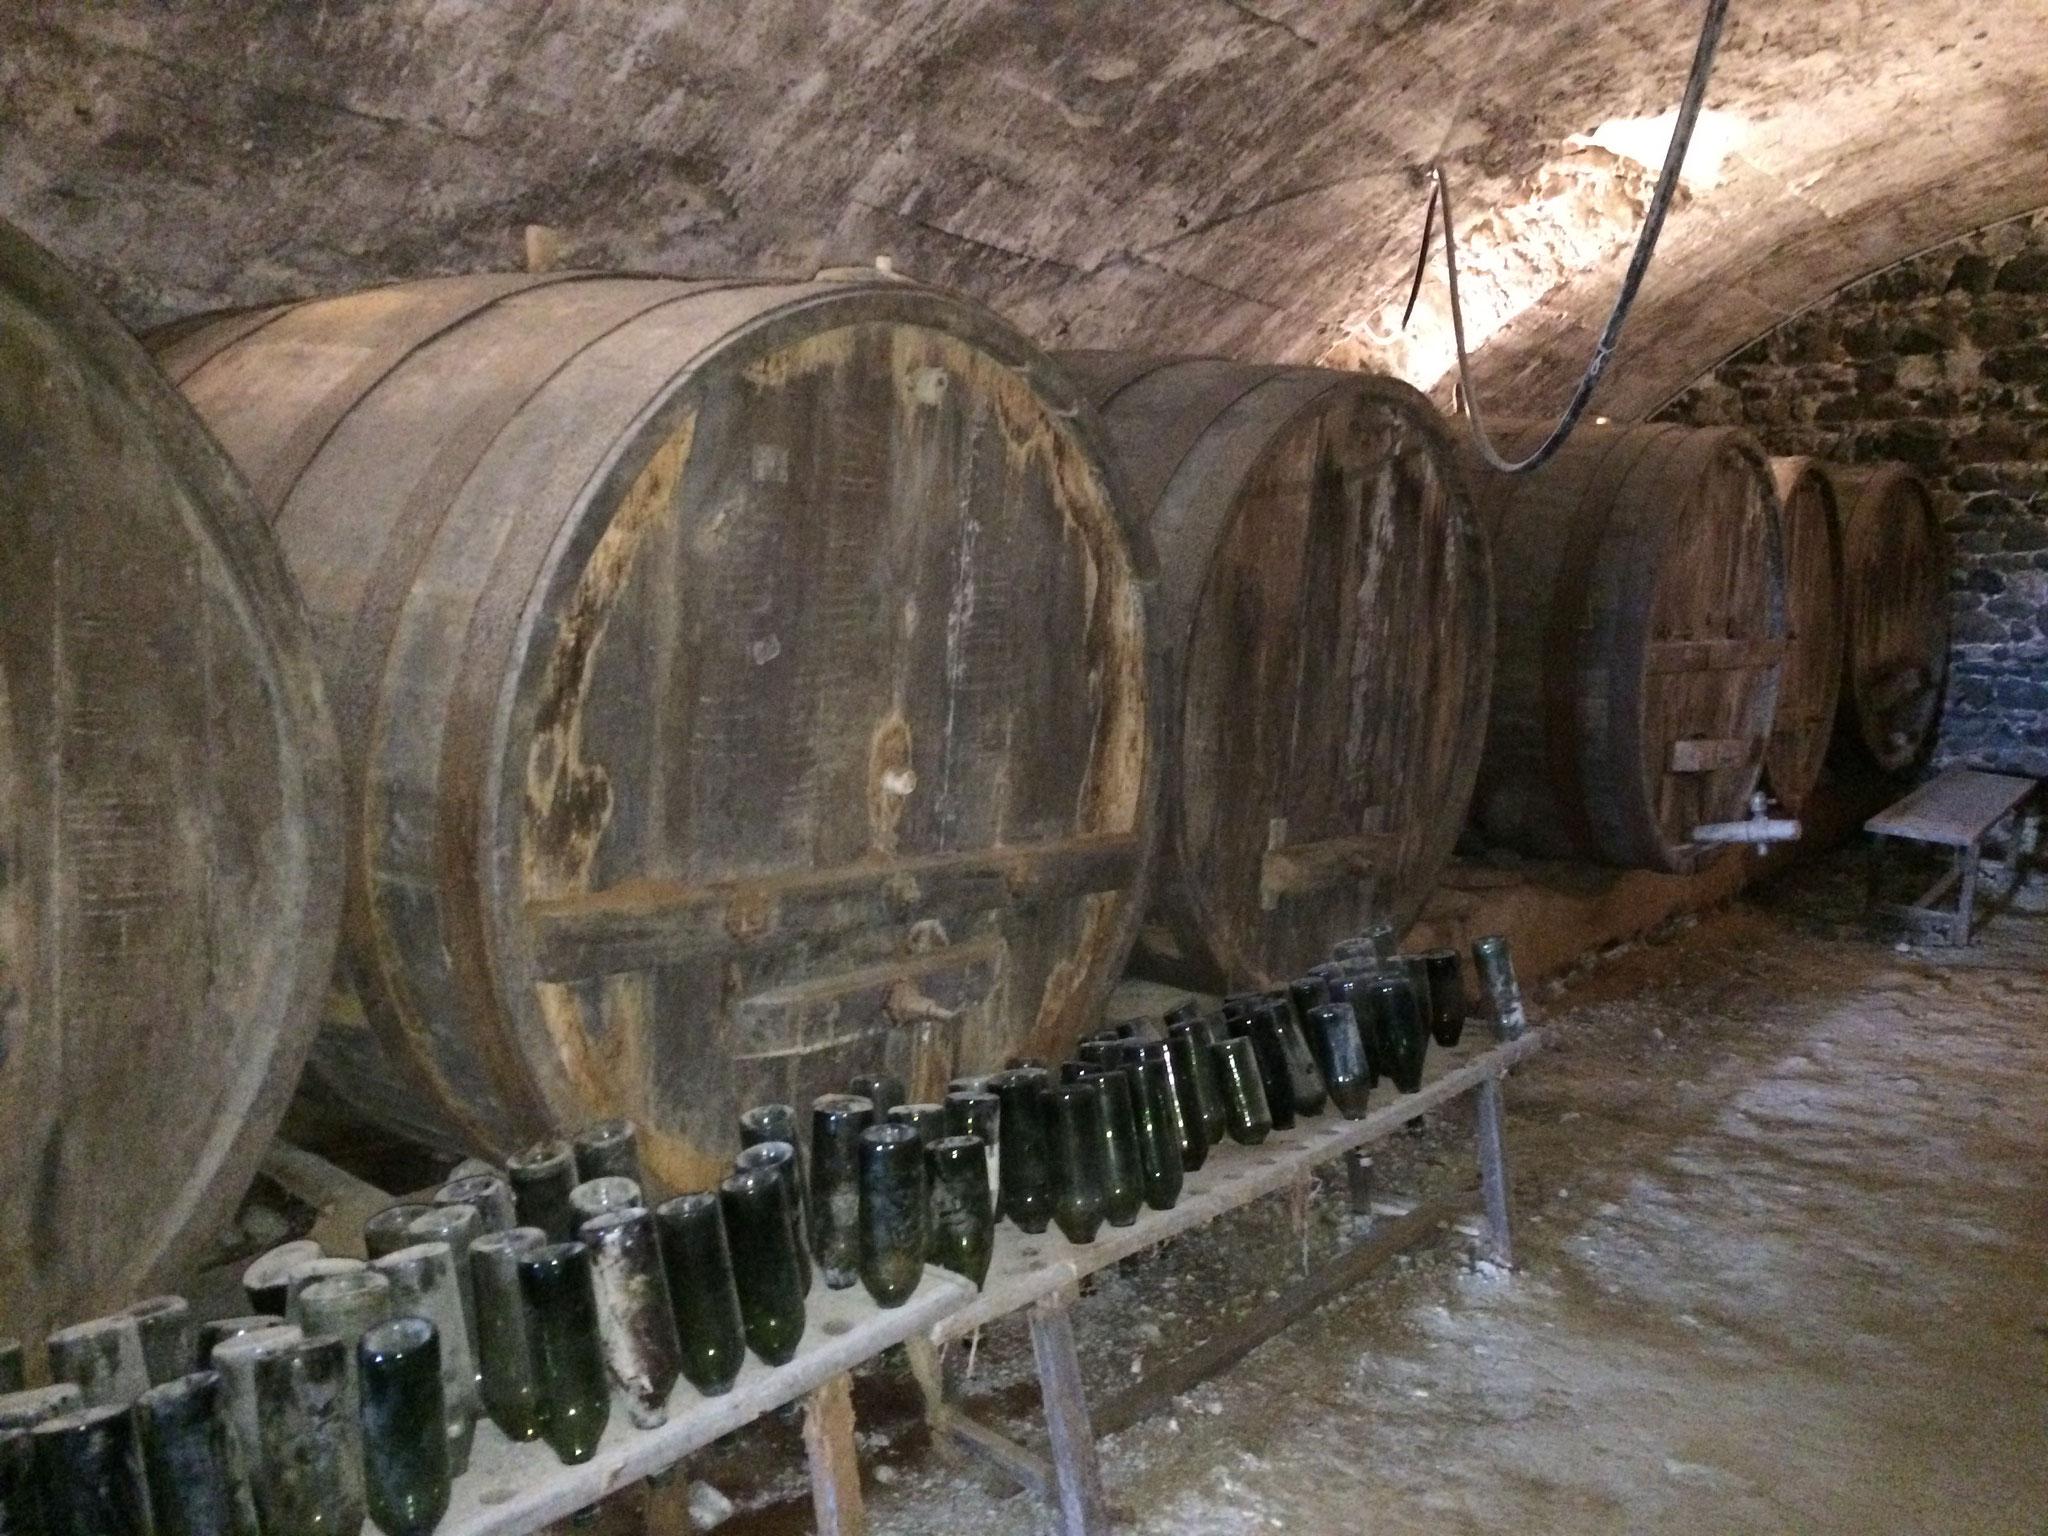 La cave du château de Hauterive, à 25 minutes de La Villa Victoria Auvergne.